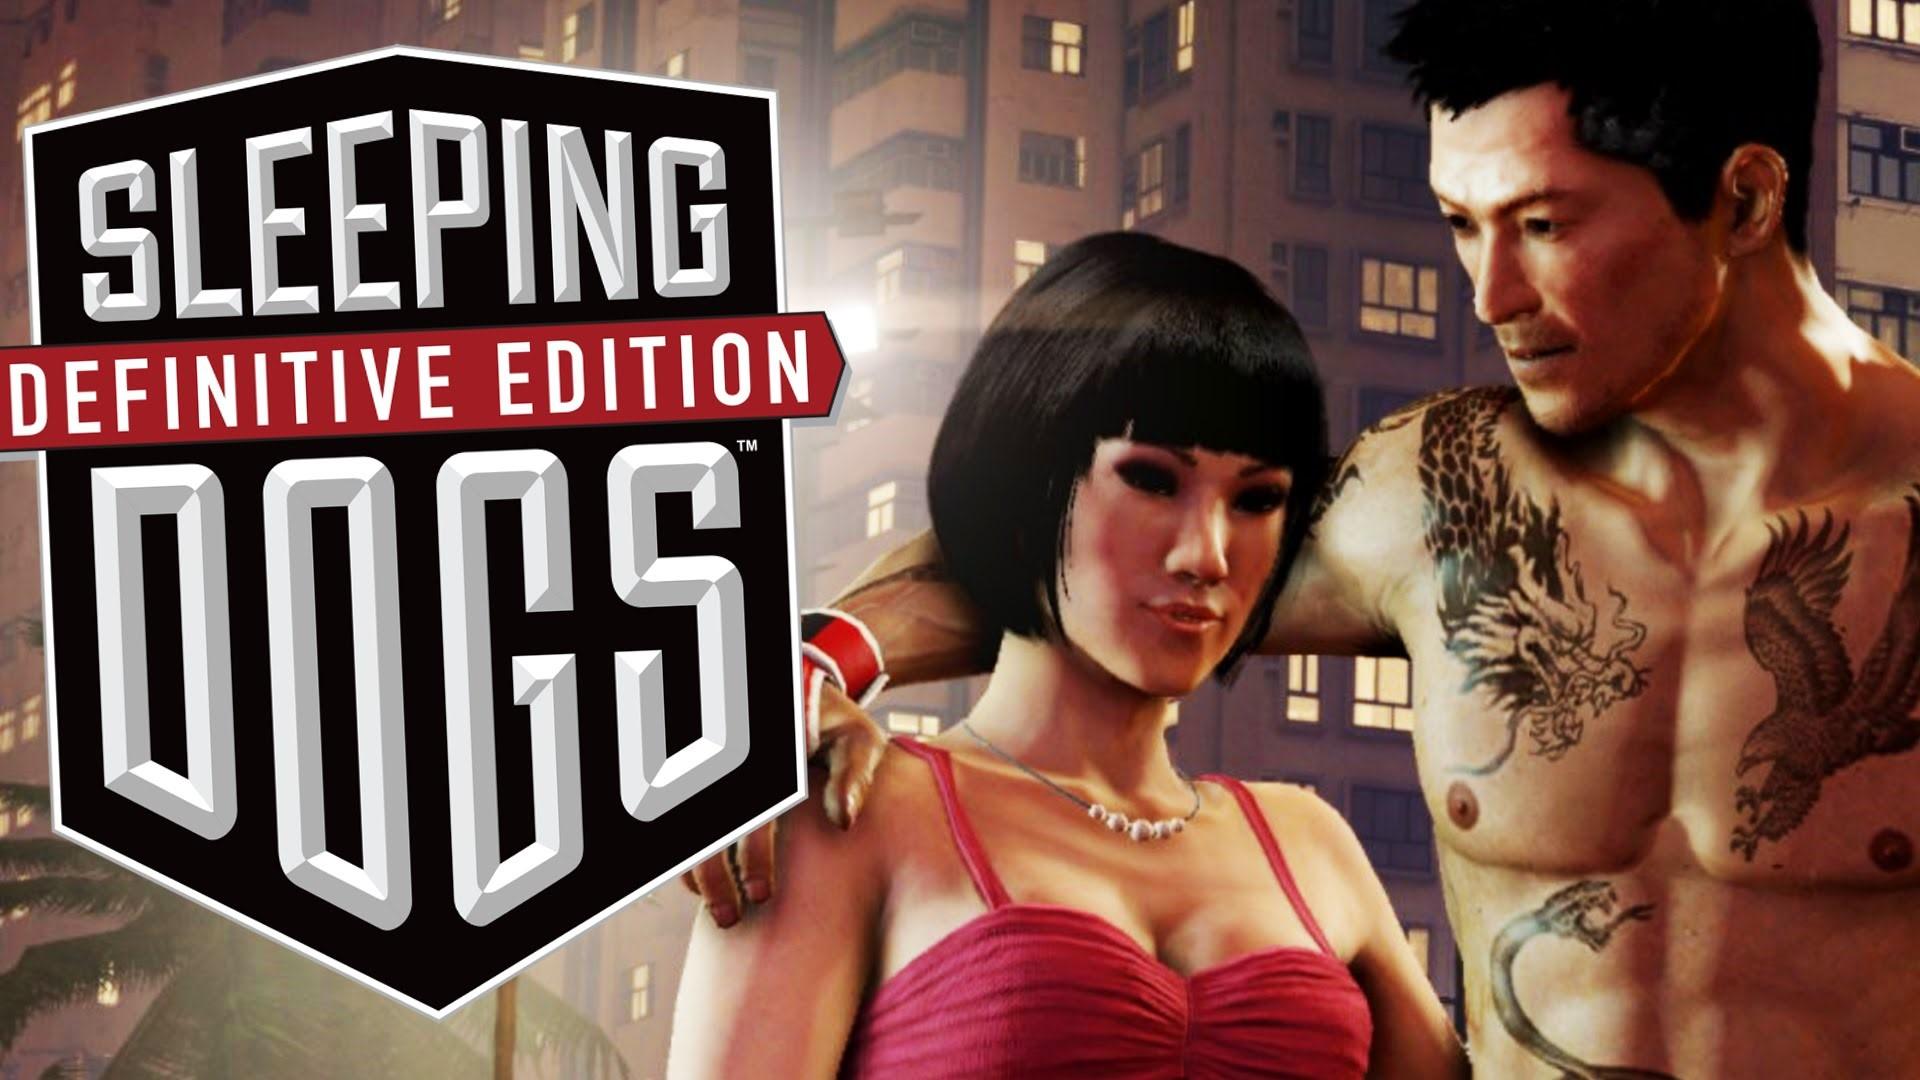 ข่าวยร้าย Sleeping Dogs สุดยอดเกมเเห่งปี จะไม่ทําภาคต่อเเล้ว